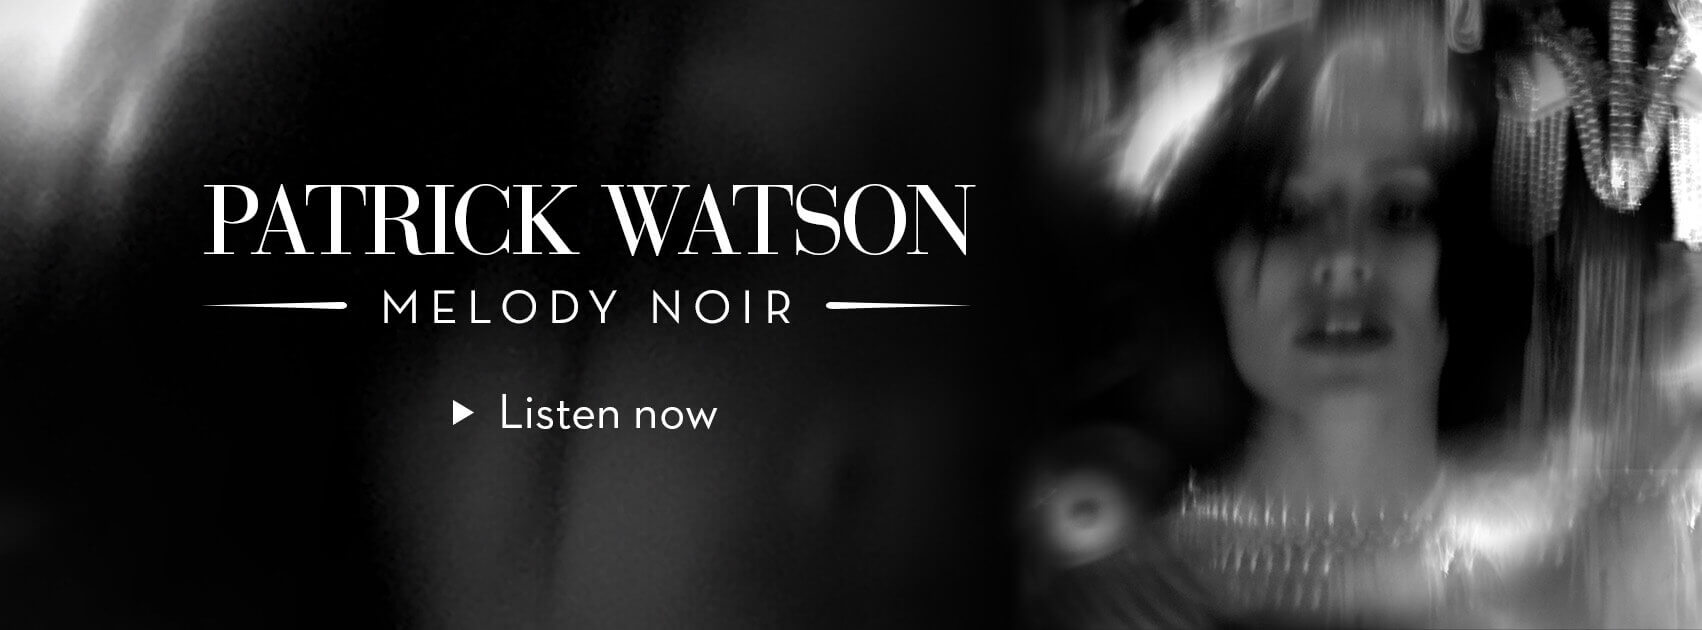 Patrick Watson Melody Noir